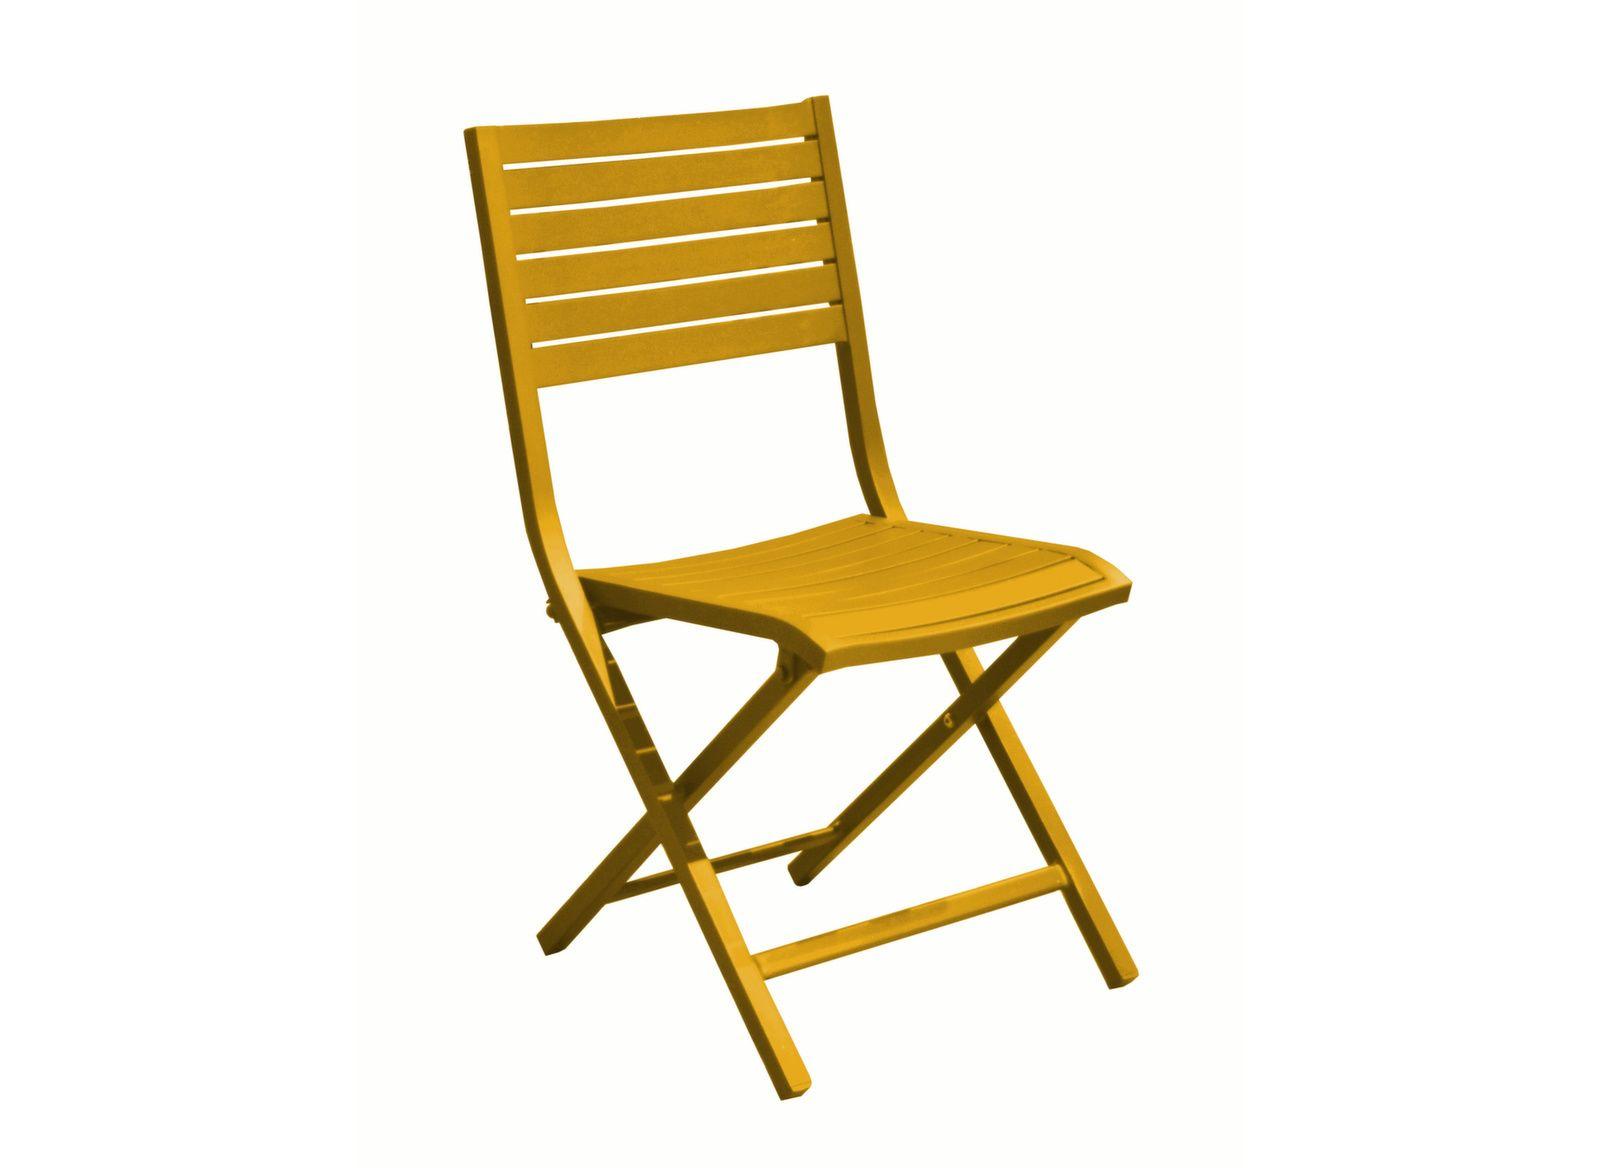 Chaise pliante Lucca